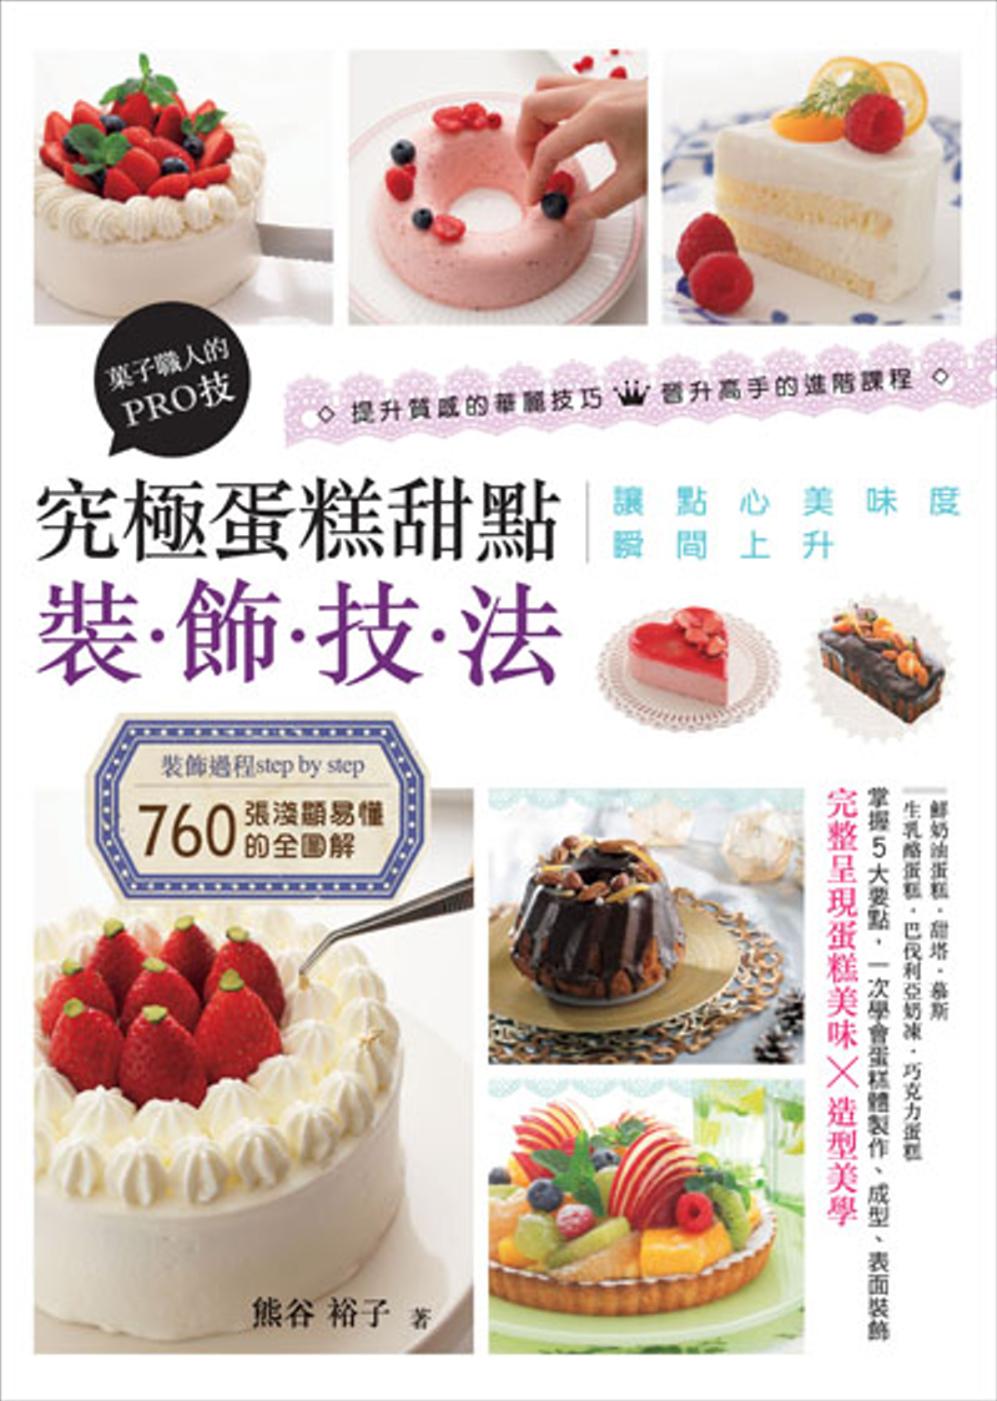 究極蛋糕甜點裝飾技法:?子職人的PRO技